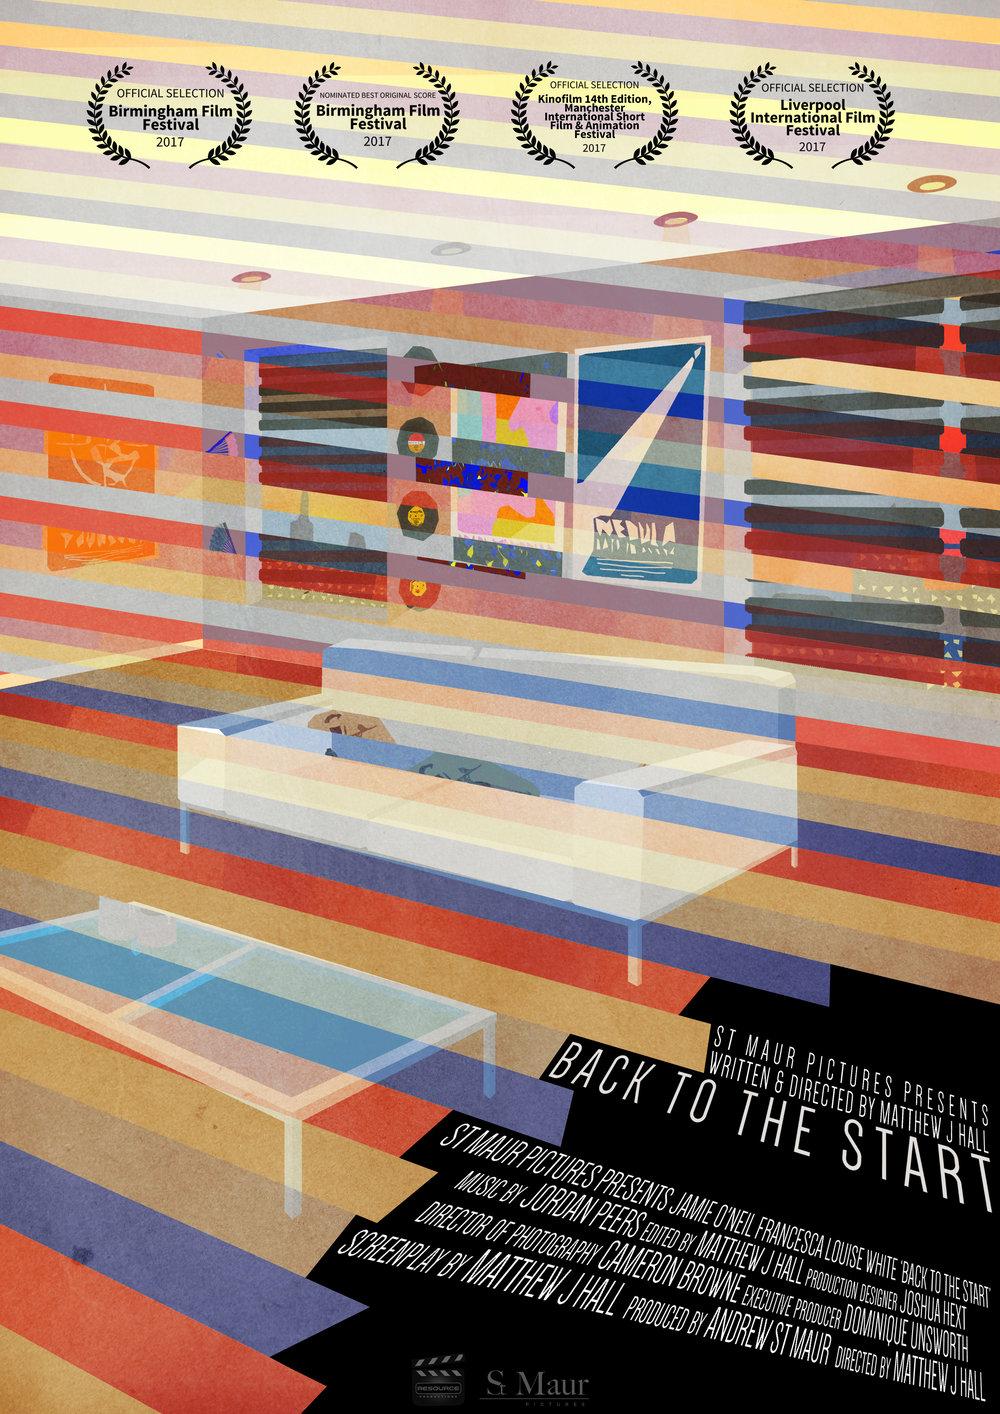 Back To The Start Poster.jpg